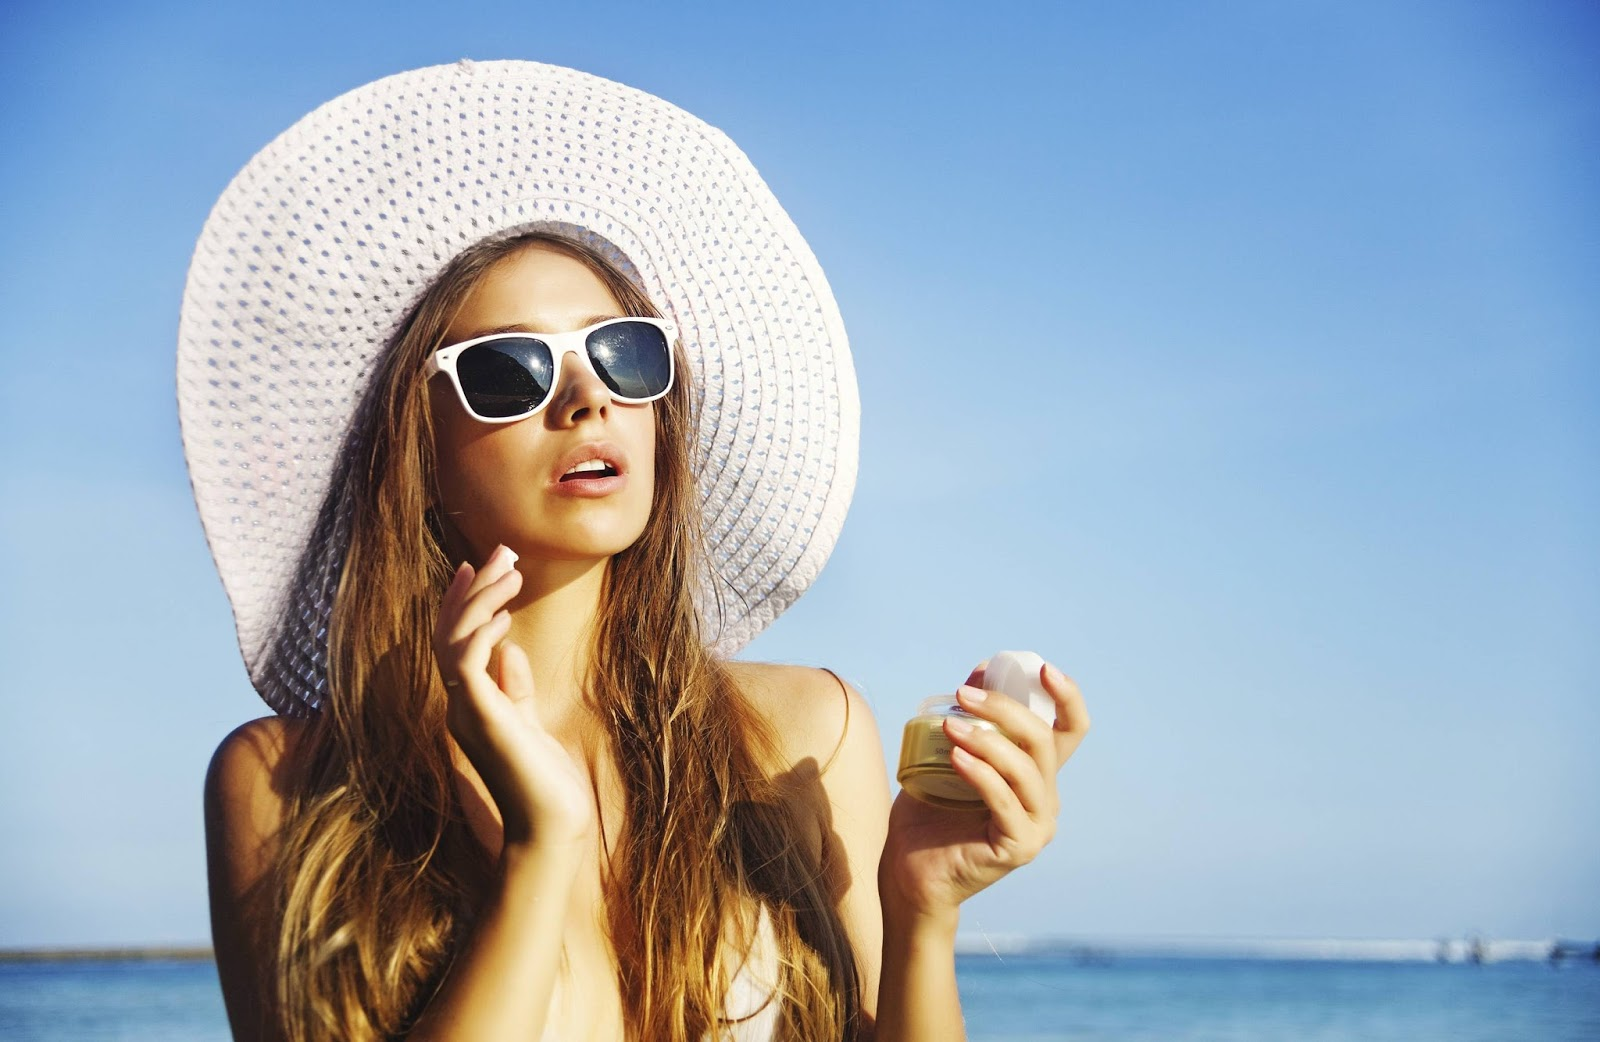 Bahaya dan Solusi Terhindar Dari Sinar UV